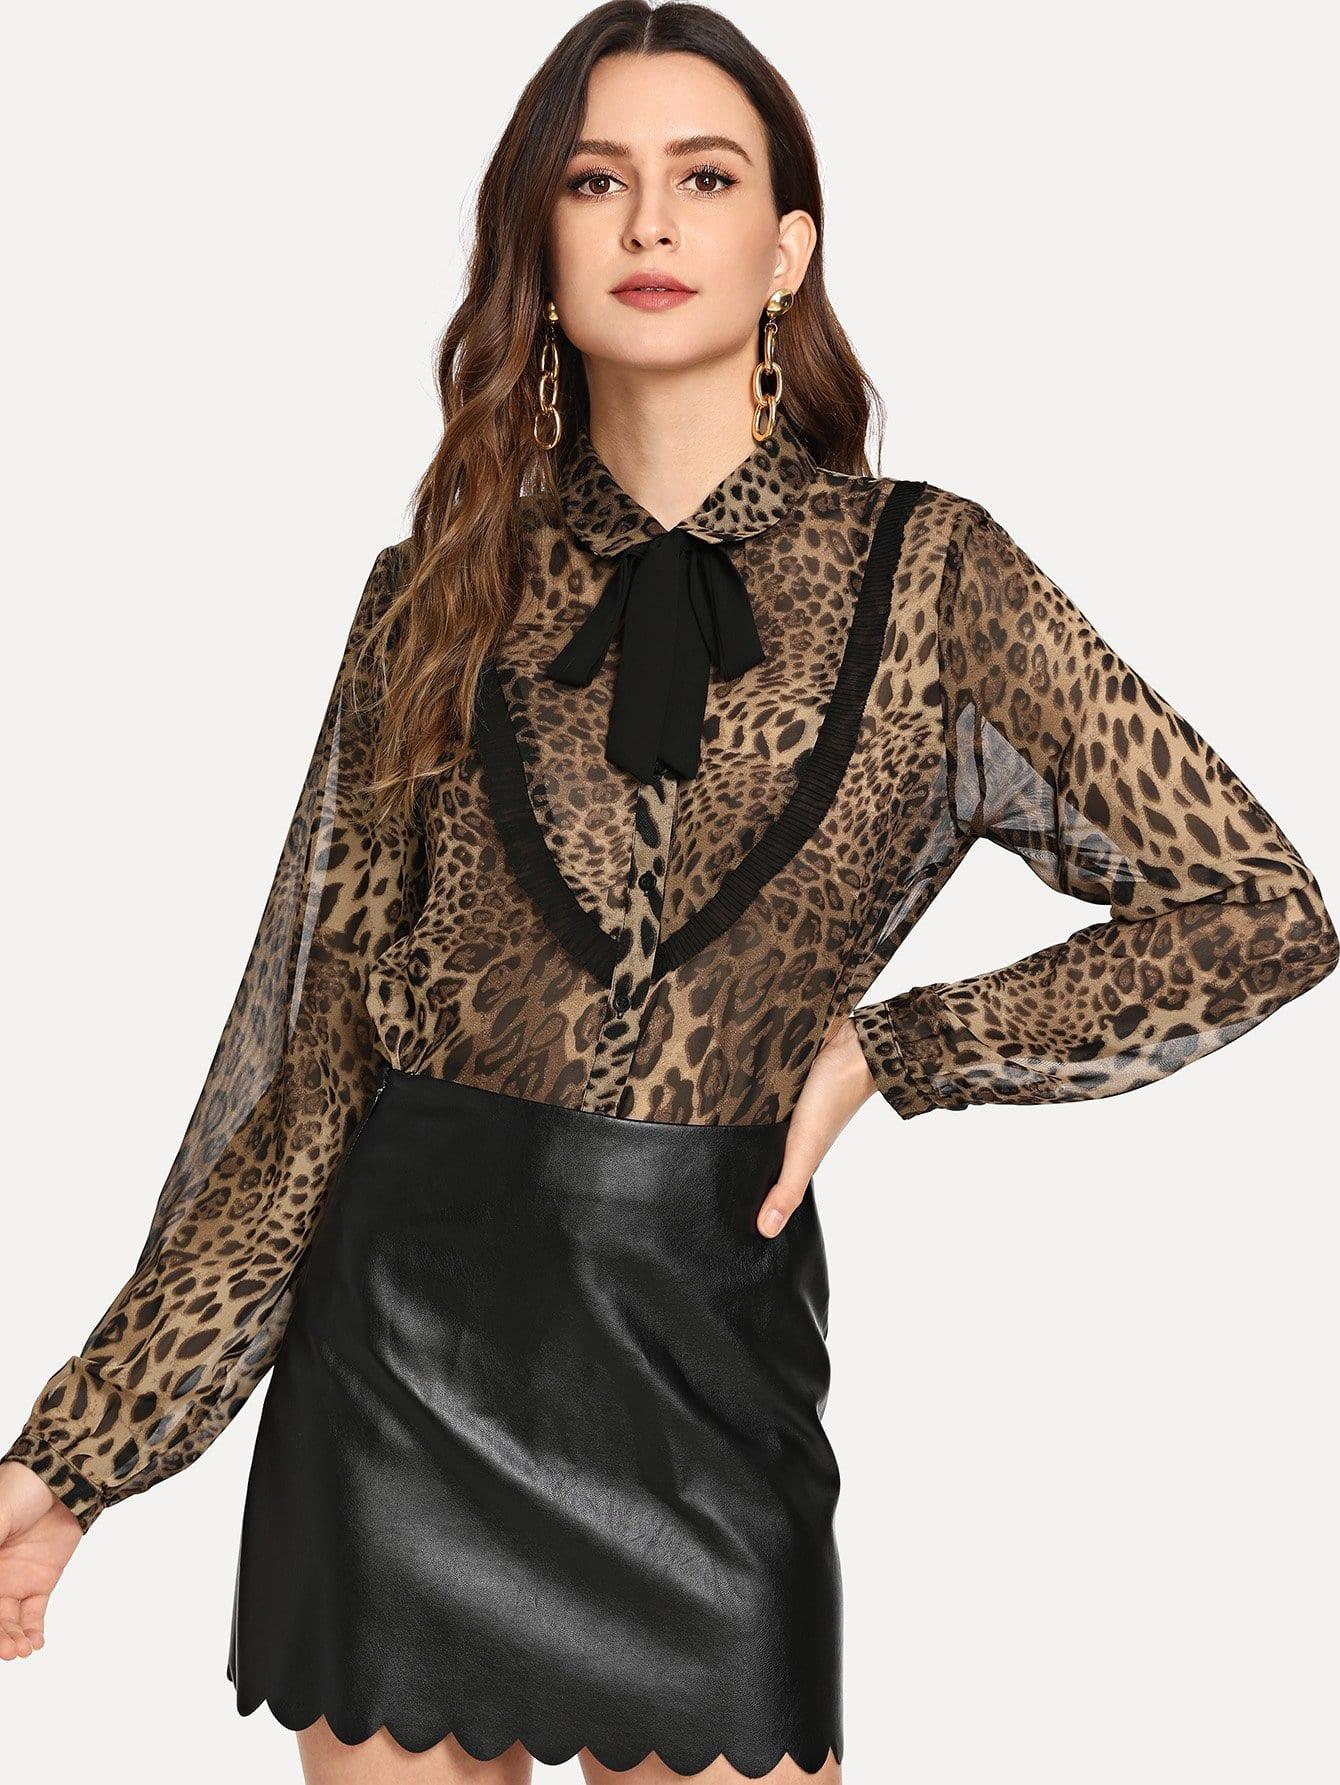 Tie Neck Collar Leopard Печать Вверх